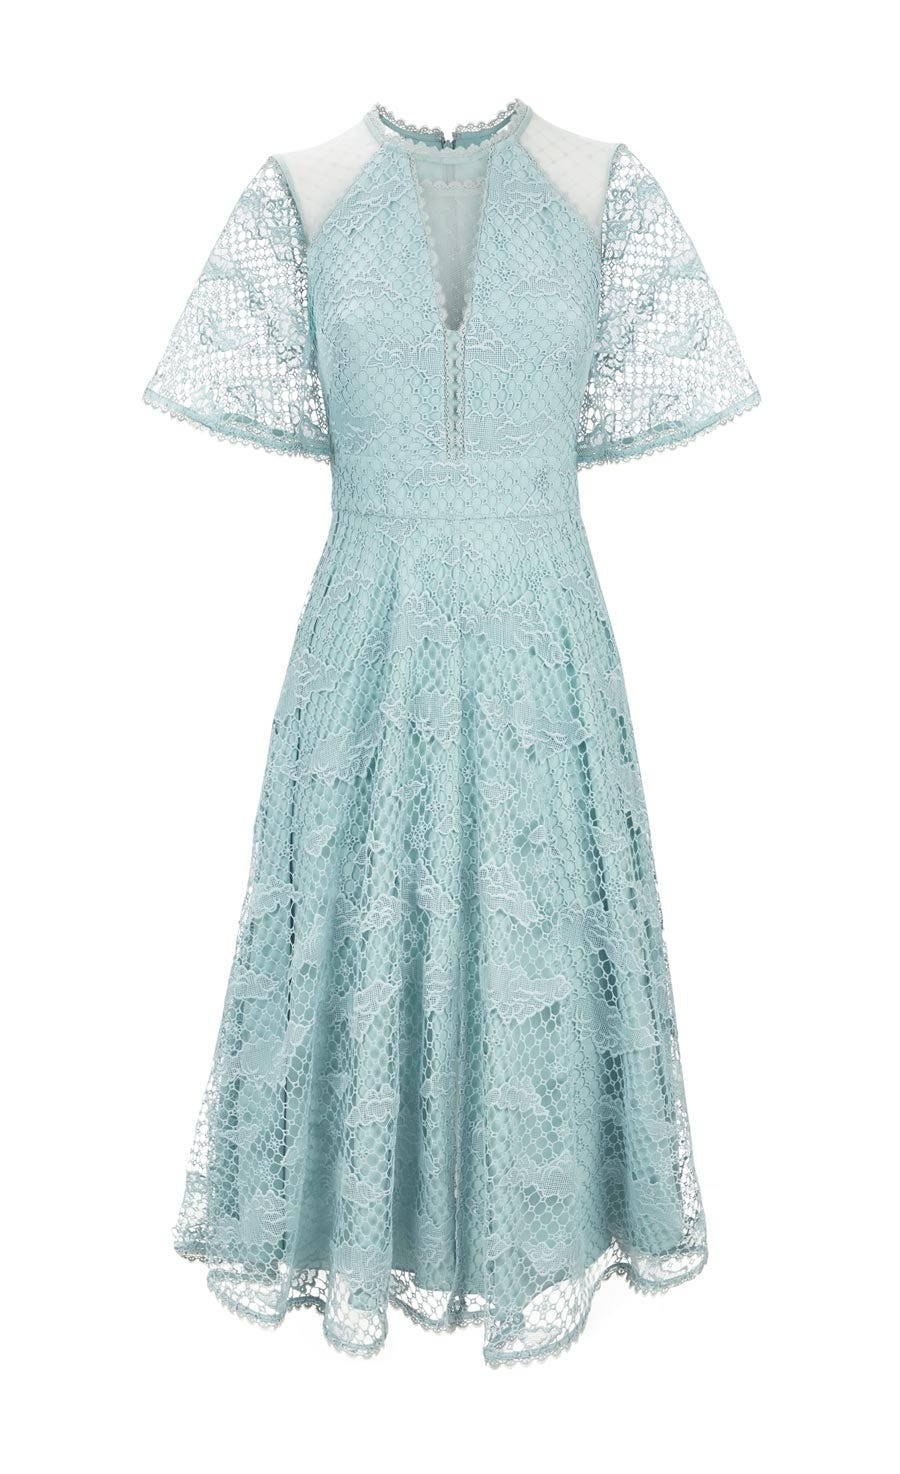 Haze Lace Sleeved Dress